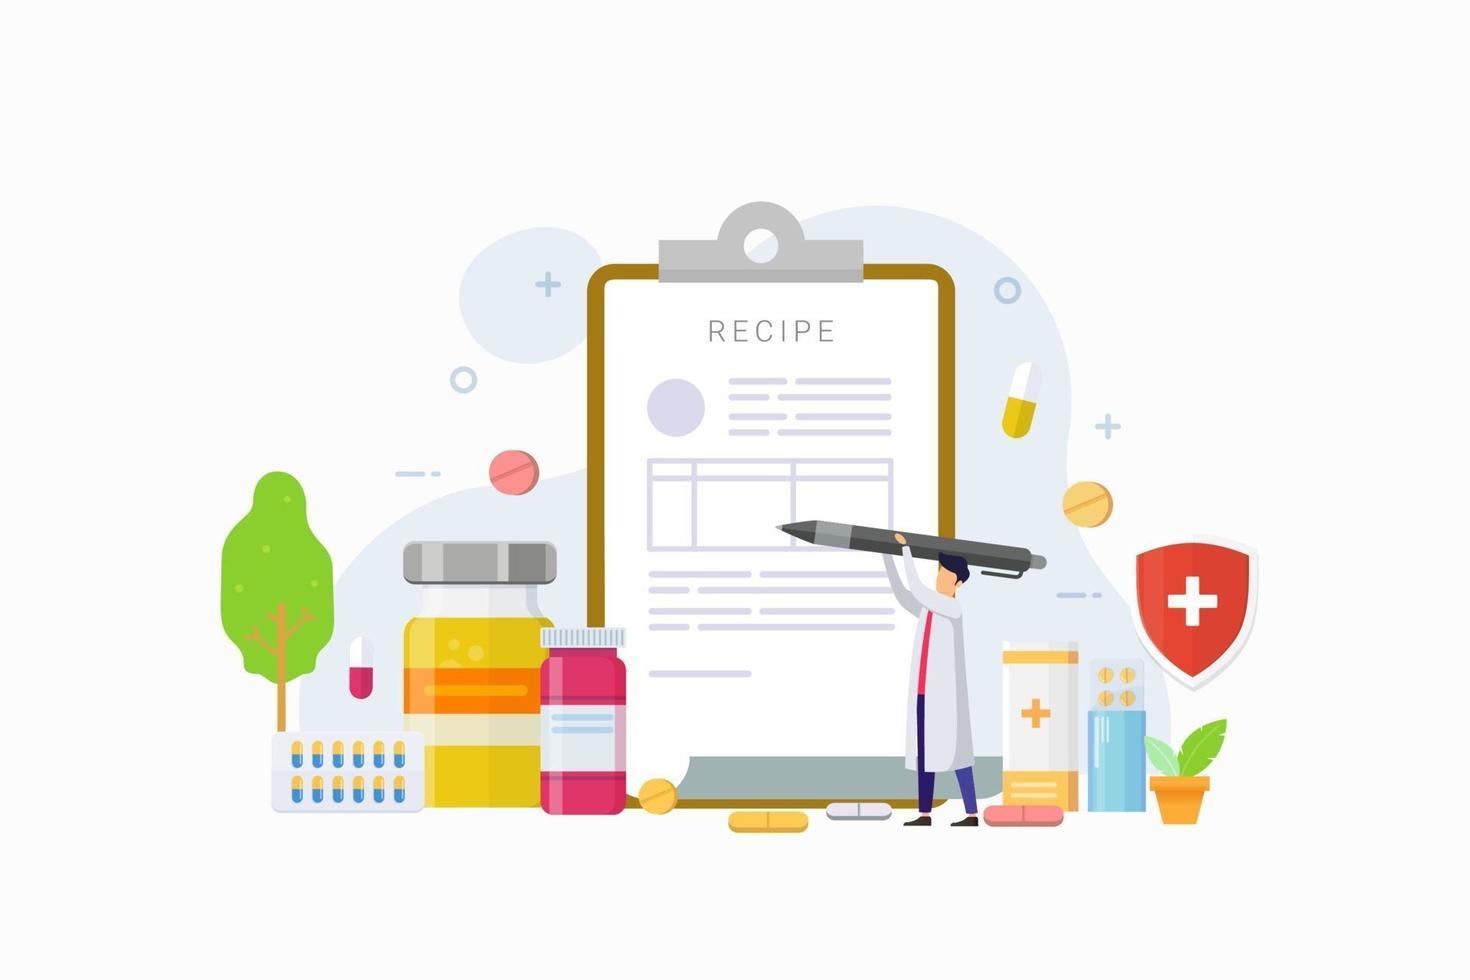 médico escreve a assinatura na receita para ilustração em vetor conceito design paciente